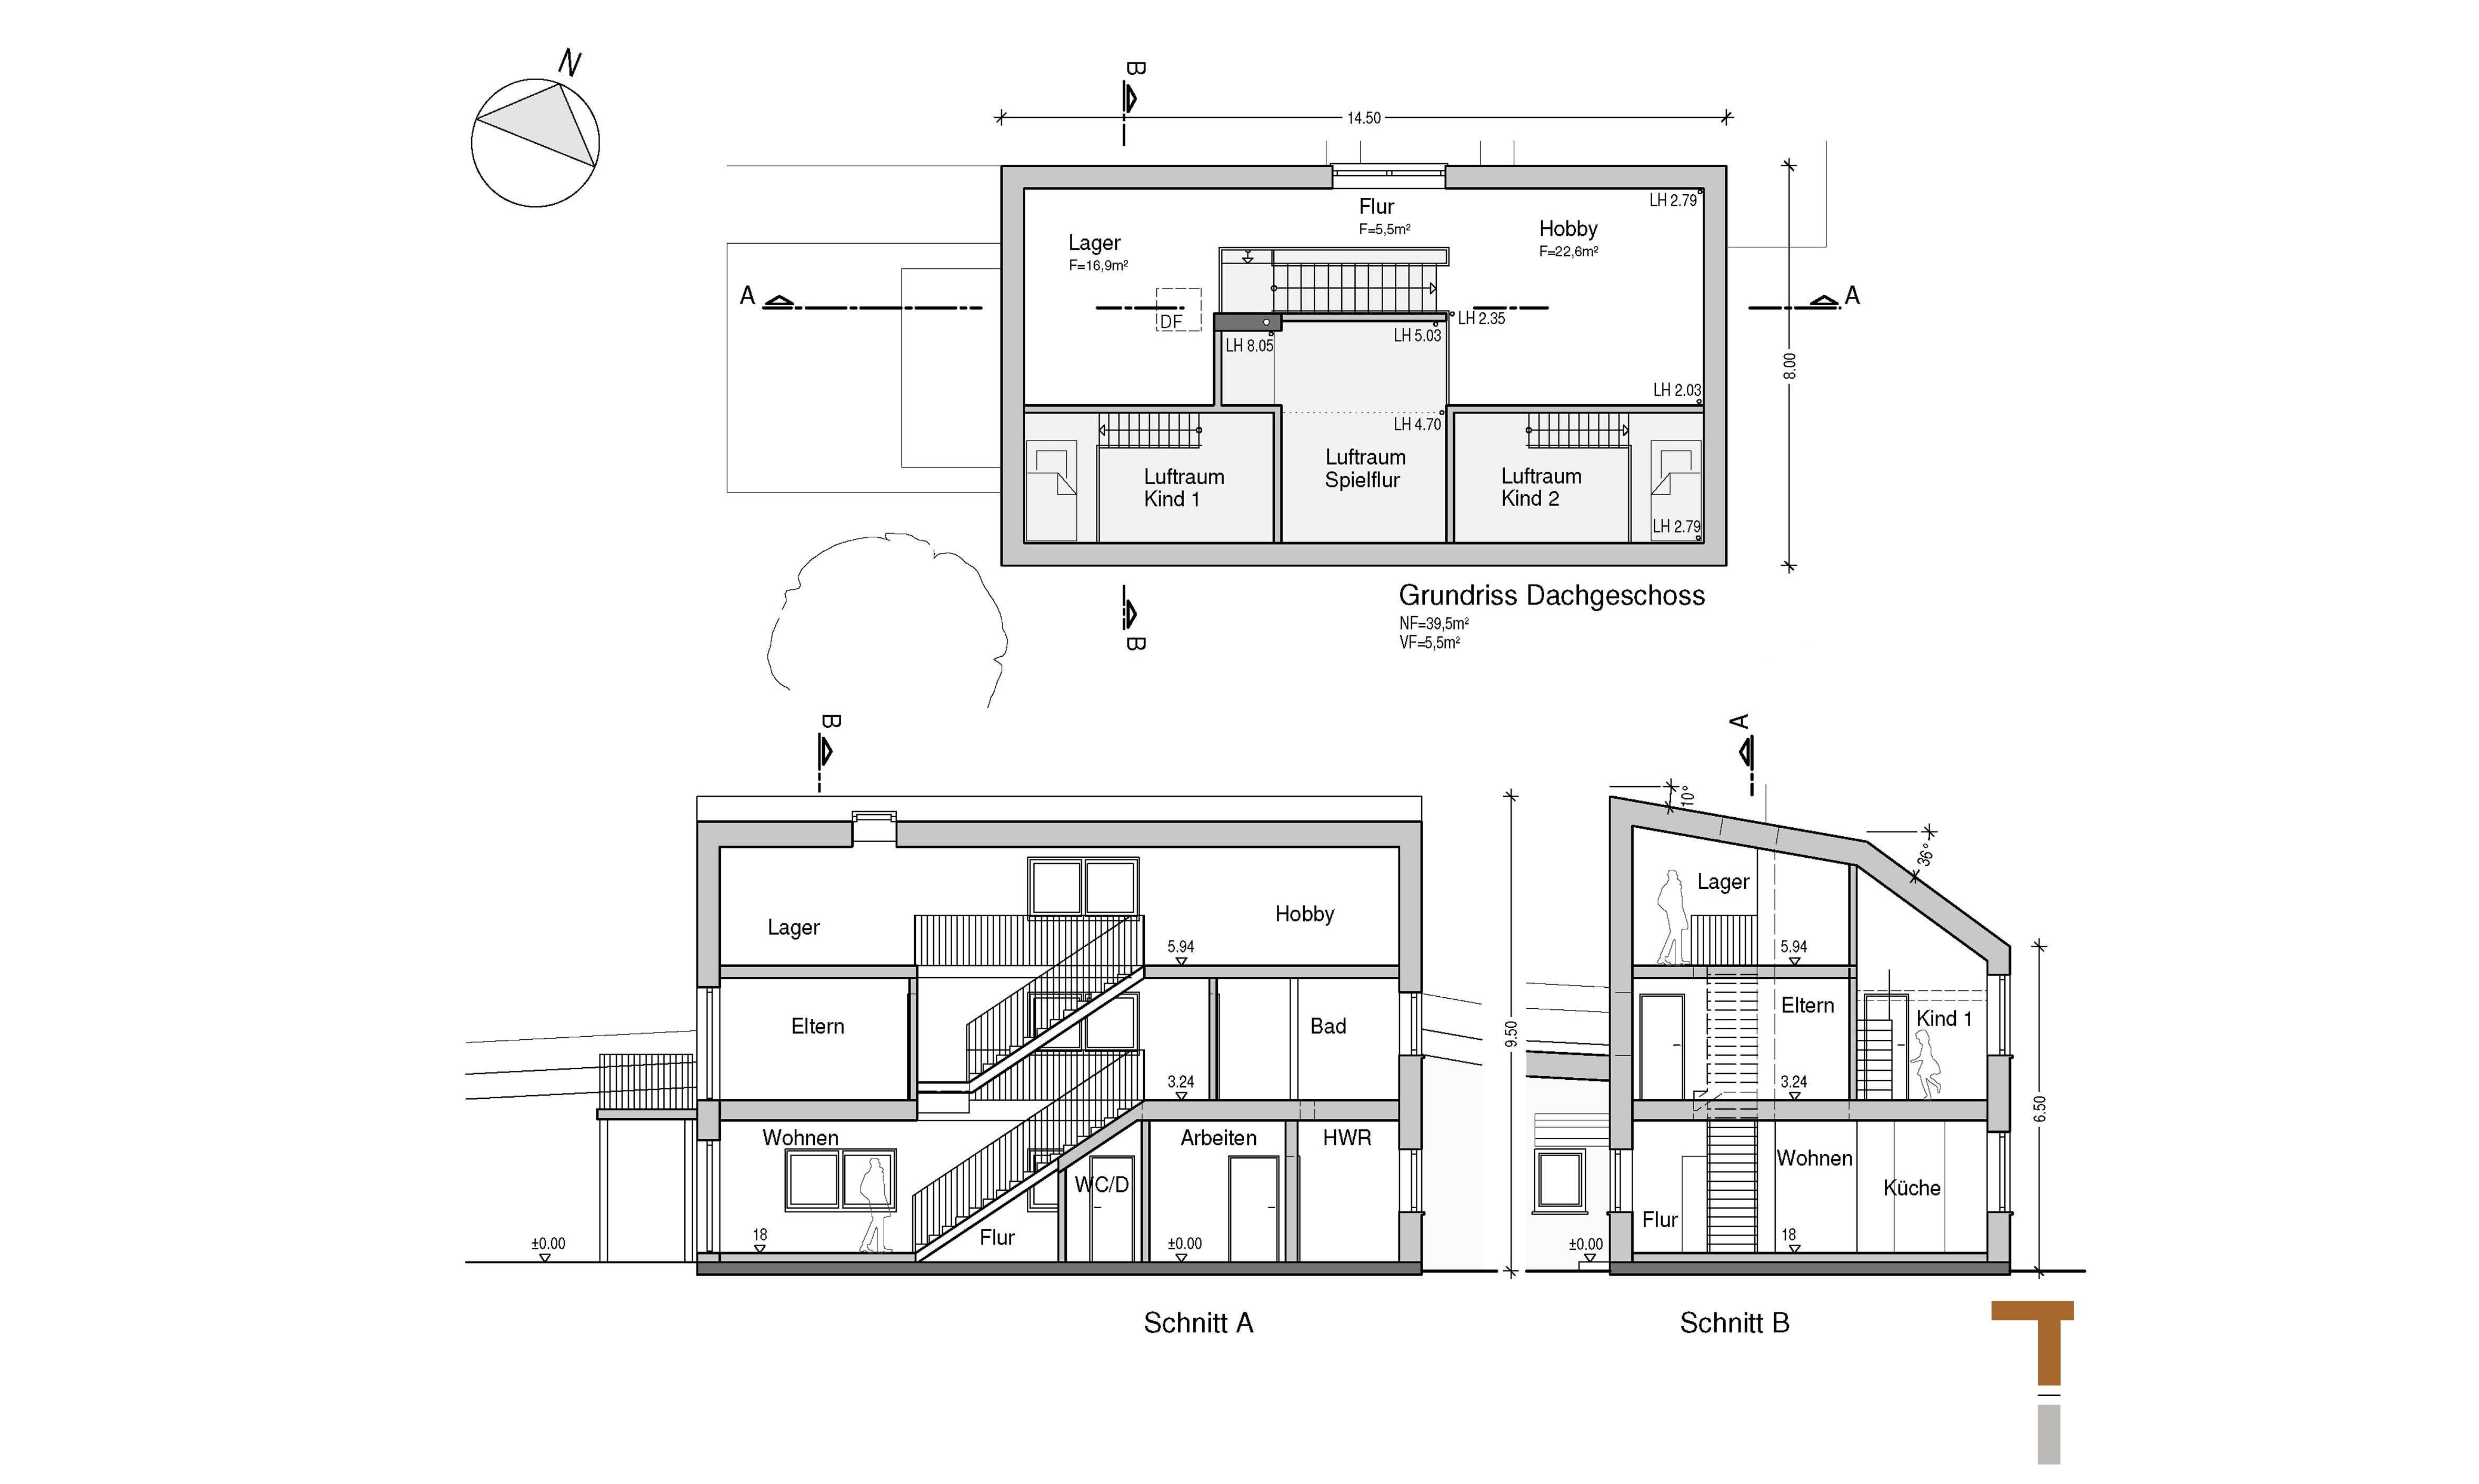 Grundriss Dachgeschoss und Schnitte